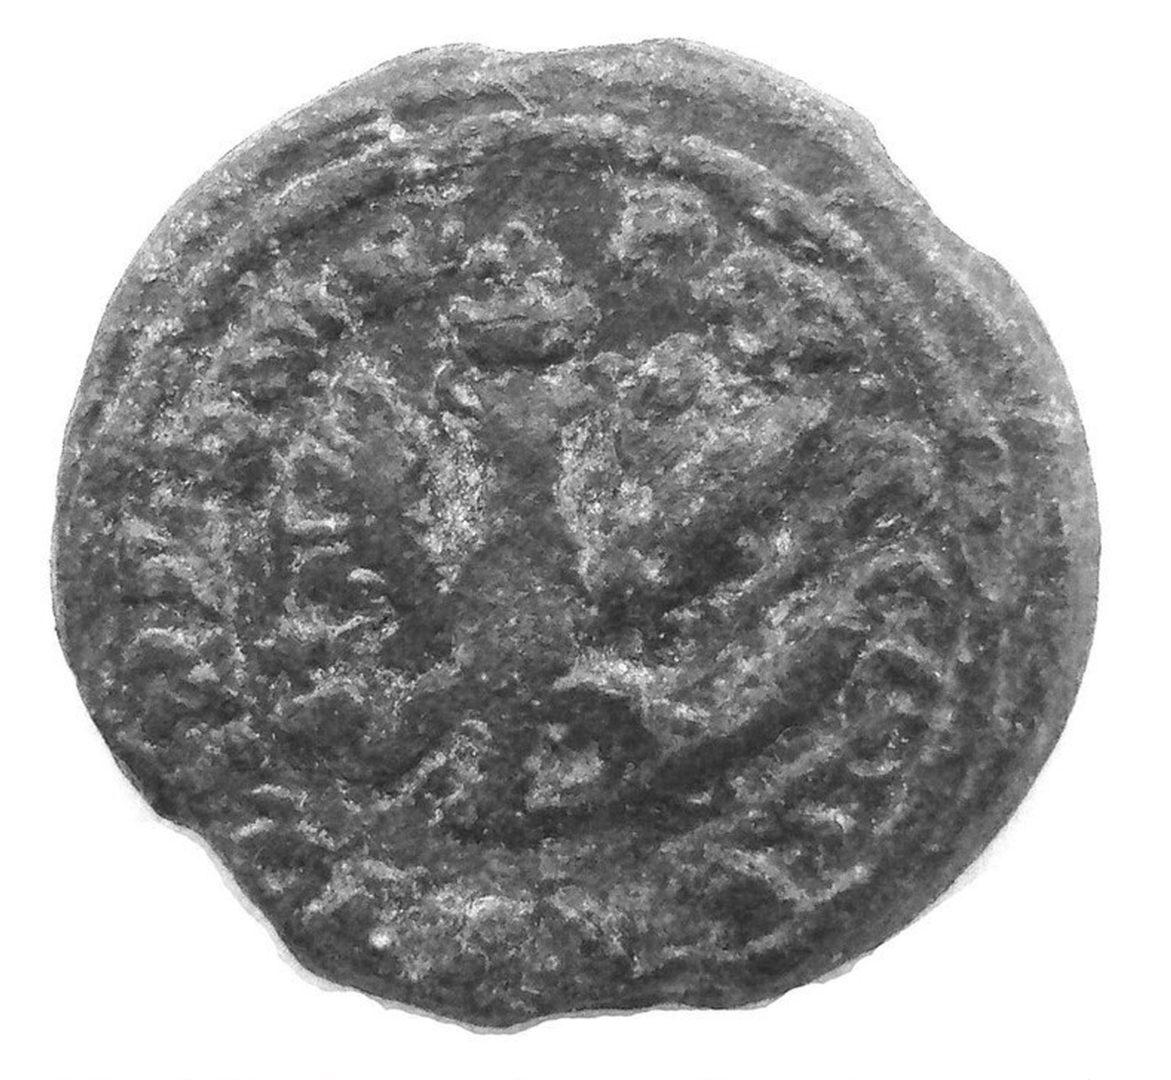 Изображение орла на печати Владислава 4 Ваза